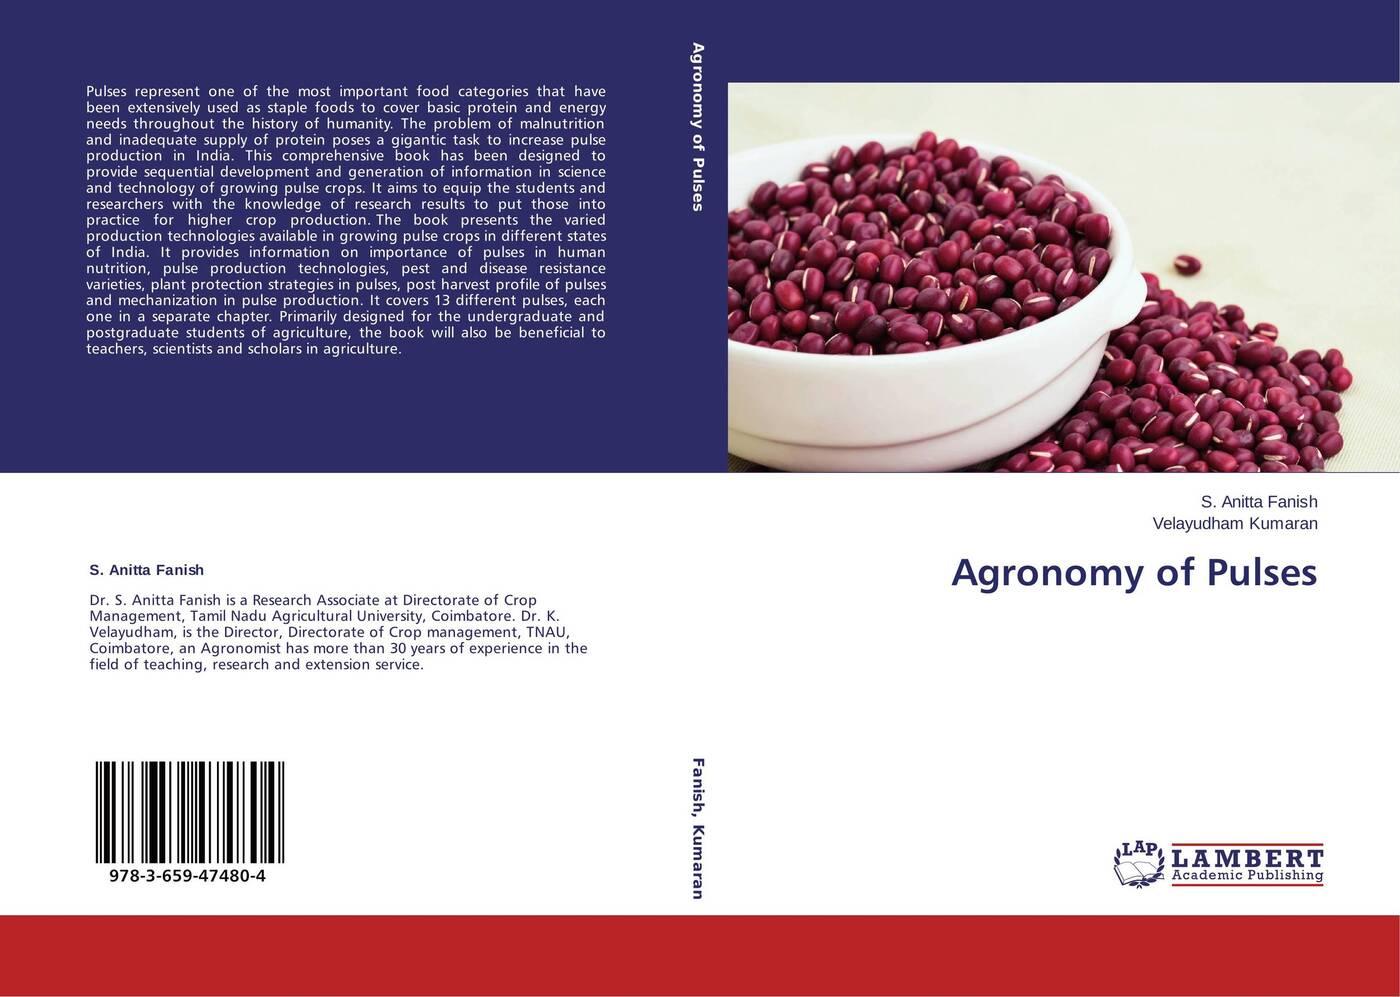 S. Anitta Fanish and Velayudham Kumaran Agronomy of Pulses anitta curitiba